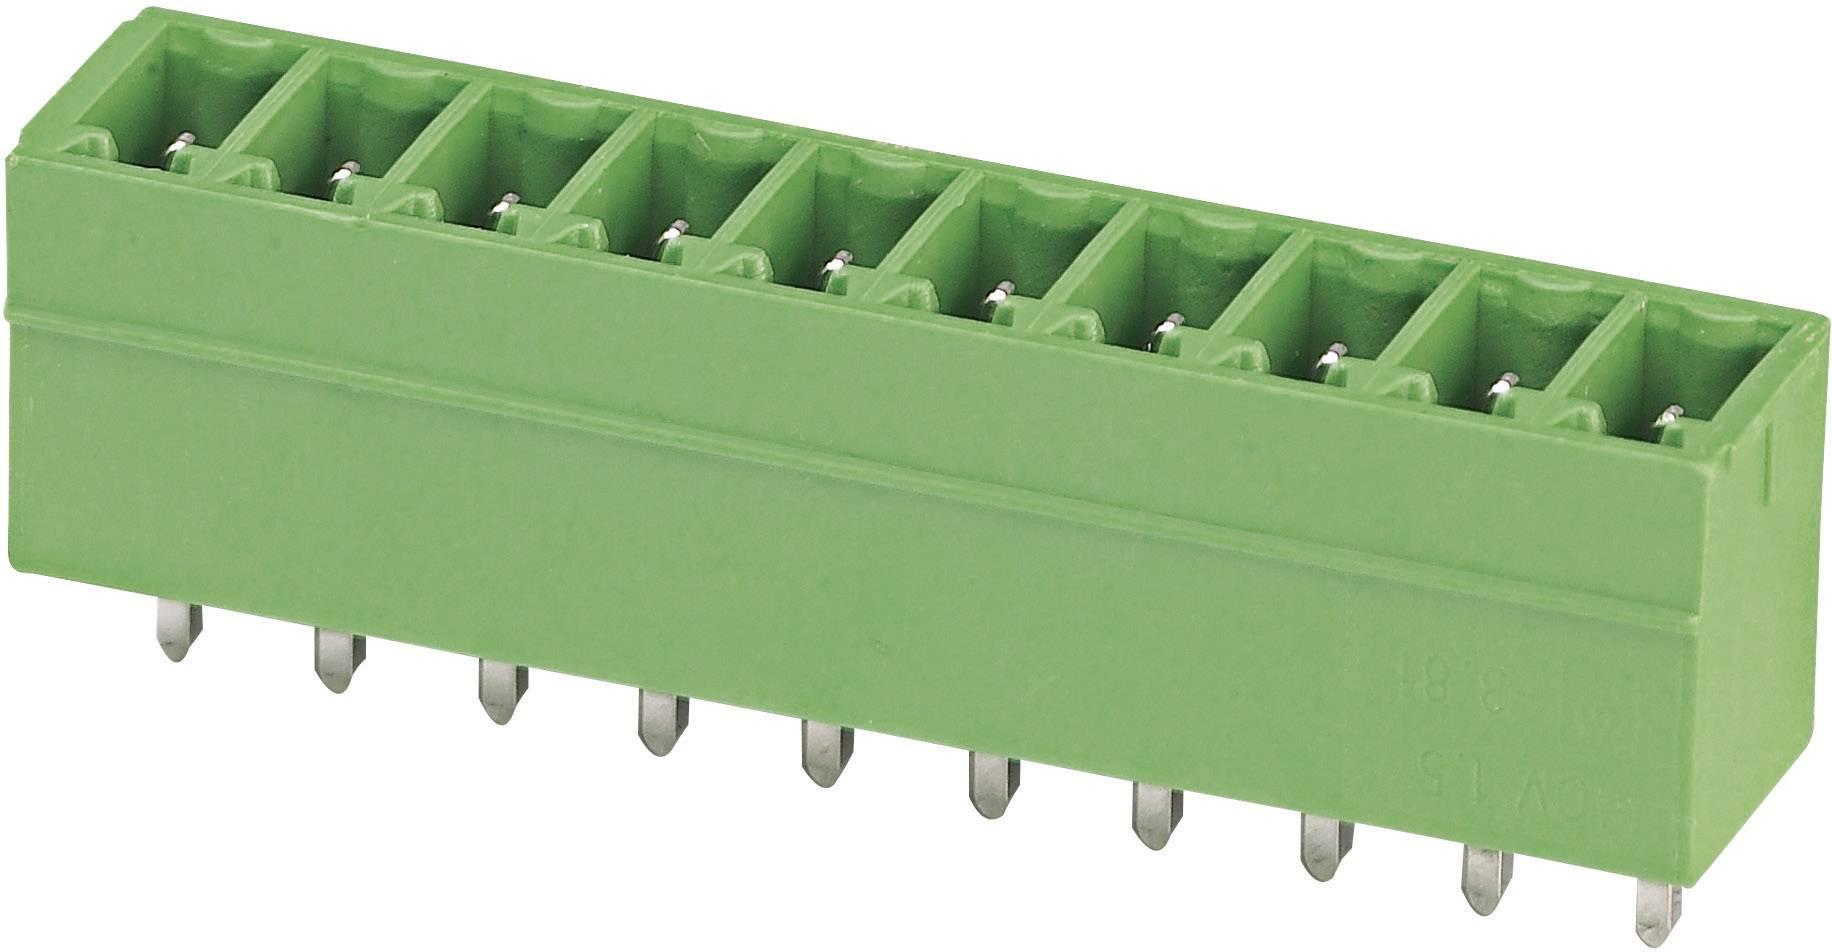 Svorkovnice 1řadá do DPS Phoenix Contact MCV 1,5/ 9-G-3,81 (1803497), 9pól., zelená